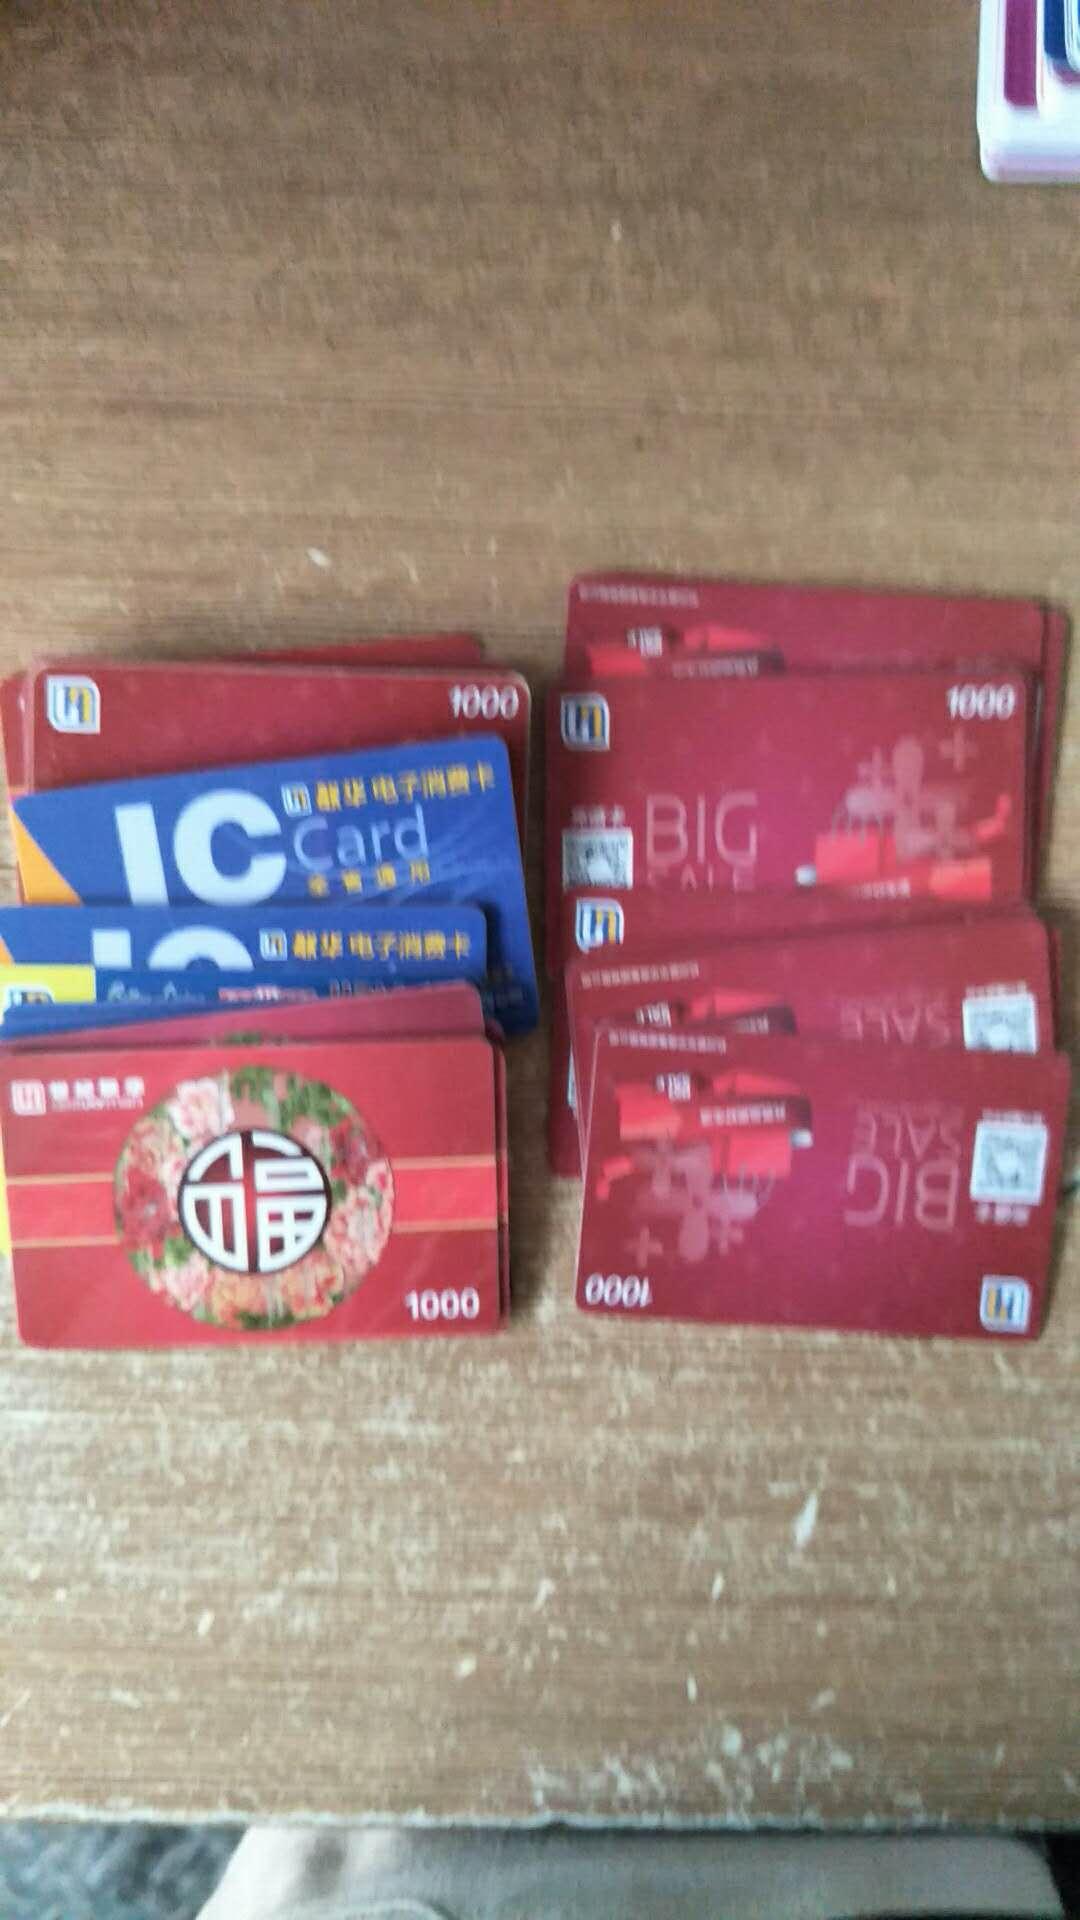 4折转阳澄湖大闸蟹及求购商场超市卡13676887099